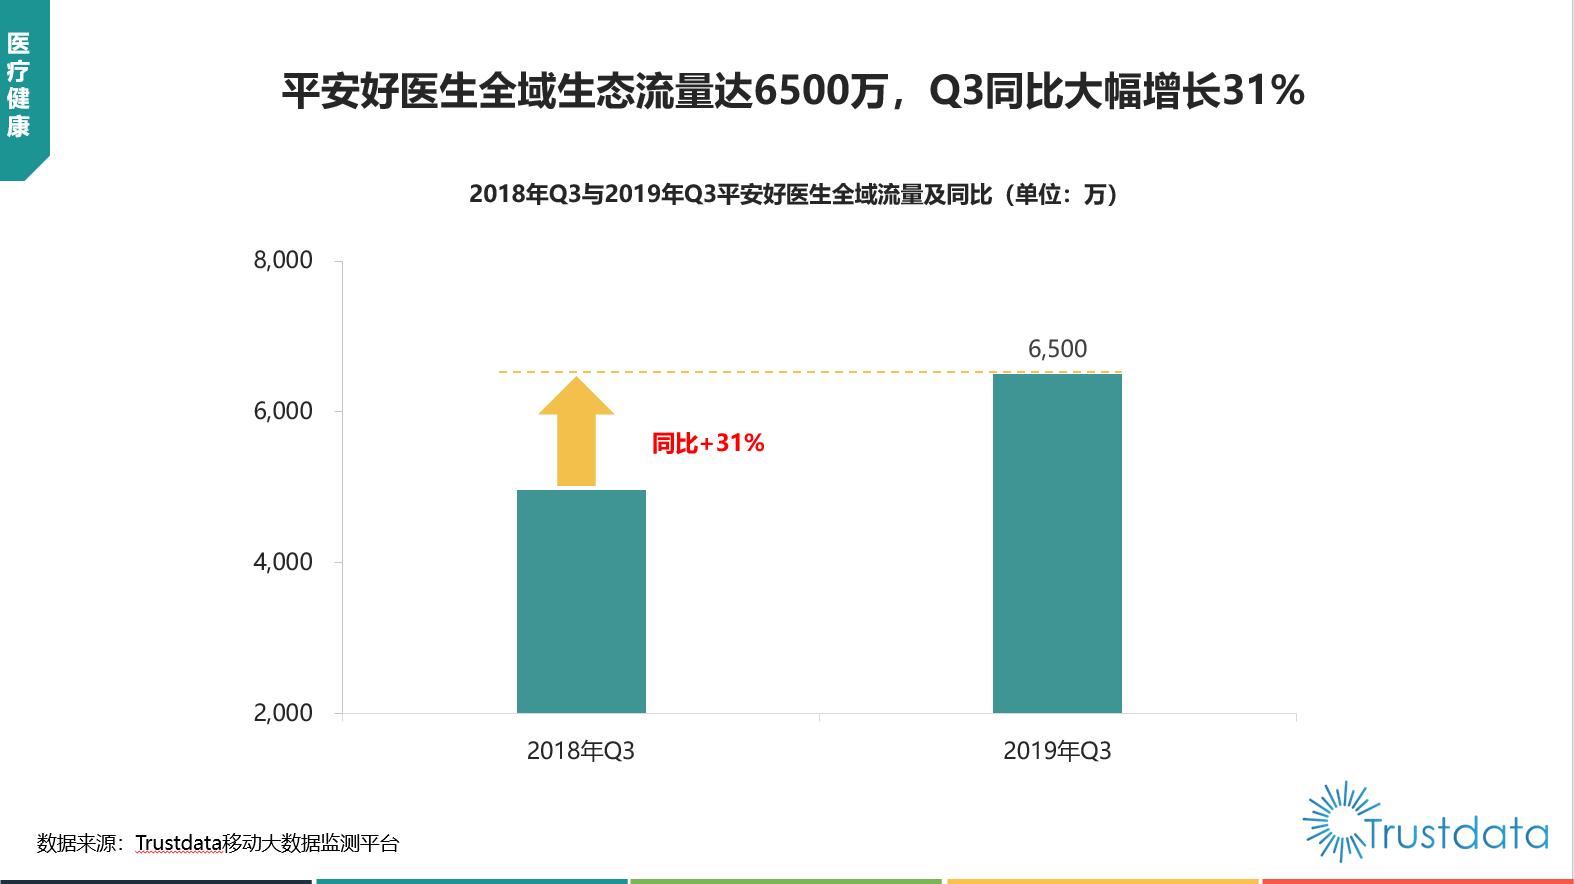 平安好医生全域生态流量达6500万,Q3同比大幅增长31%